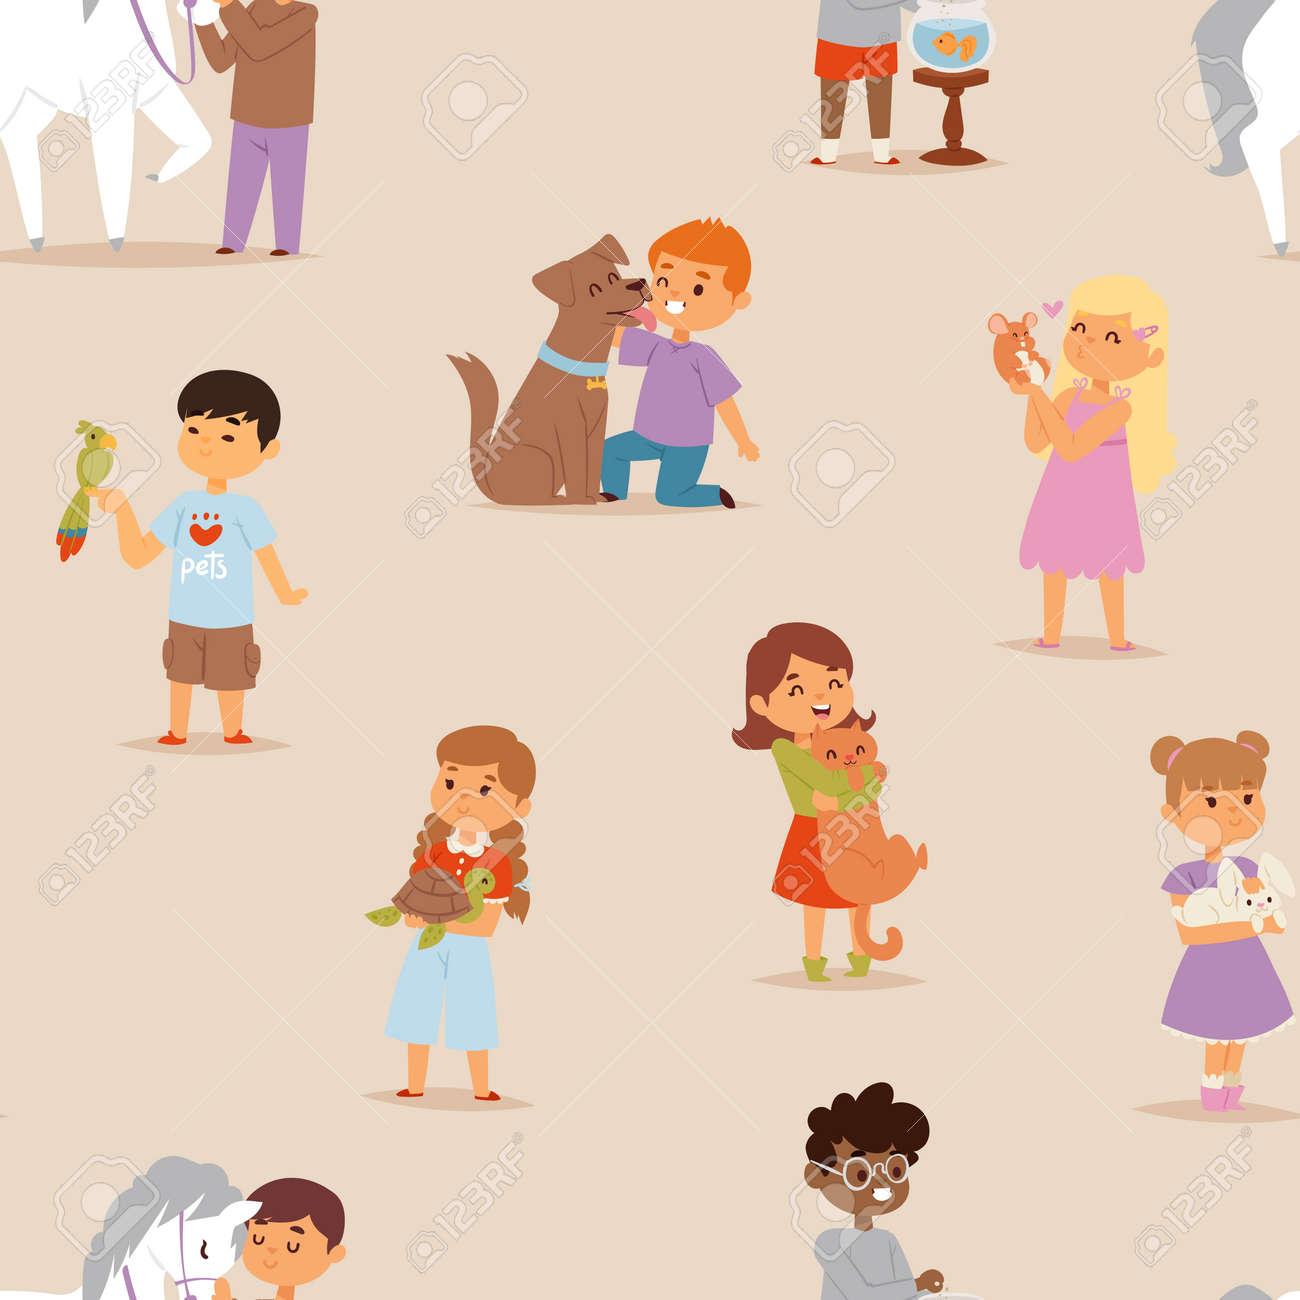 Caricatura Niños Pequeños Personajes Poco Mascotas Amistad